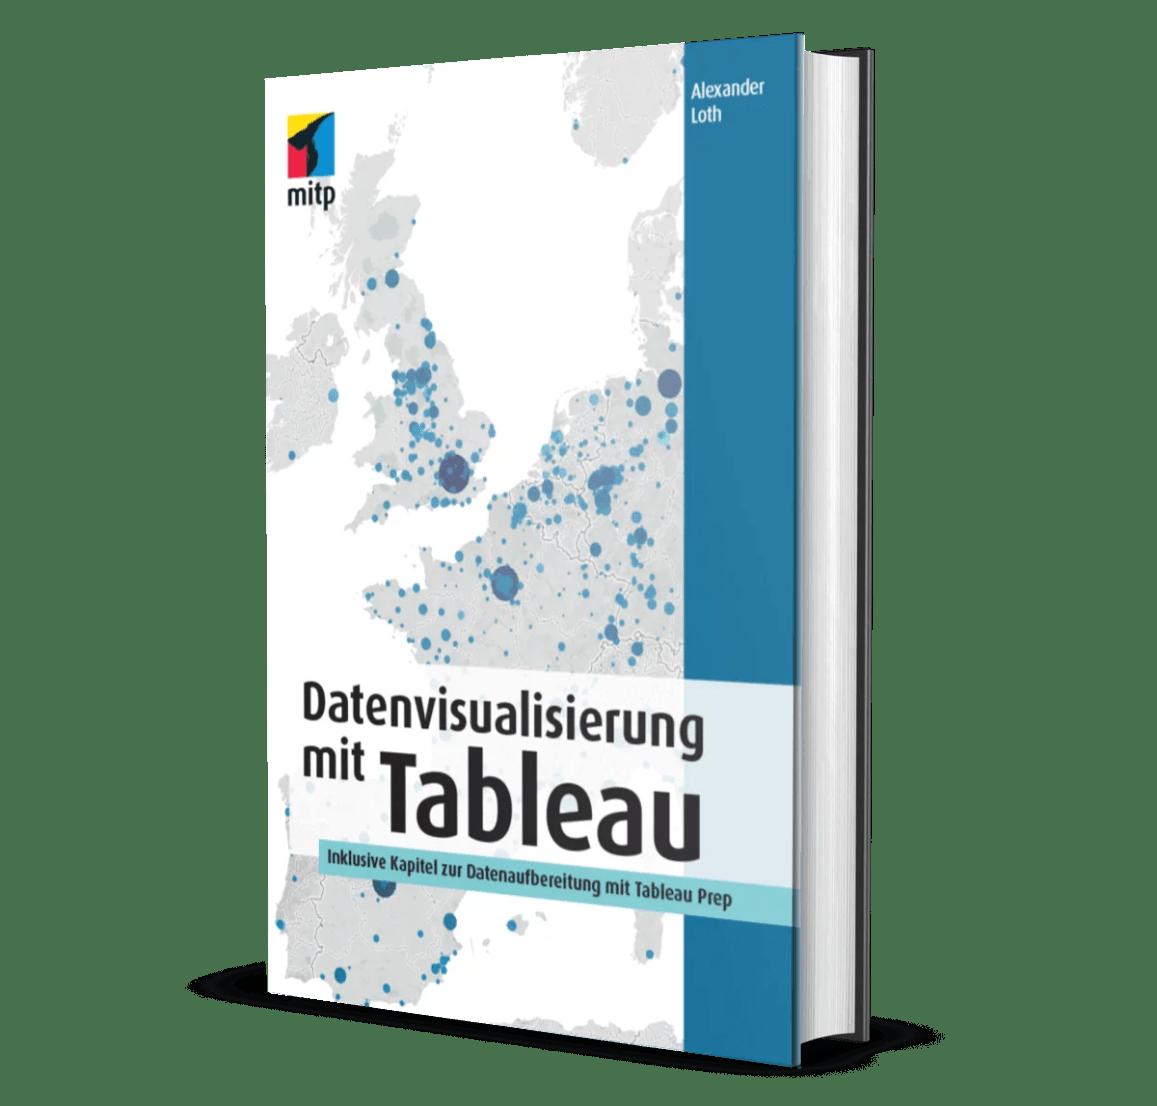 Datenvisualisierung mit Tableau: Geben Sie mir Feedback für die 2. Auflage des Tableau-Buchs